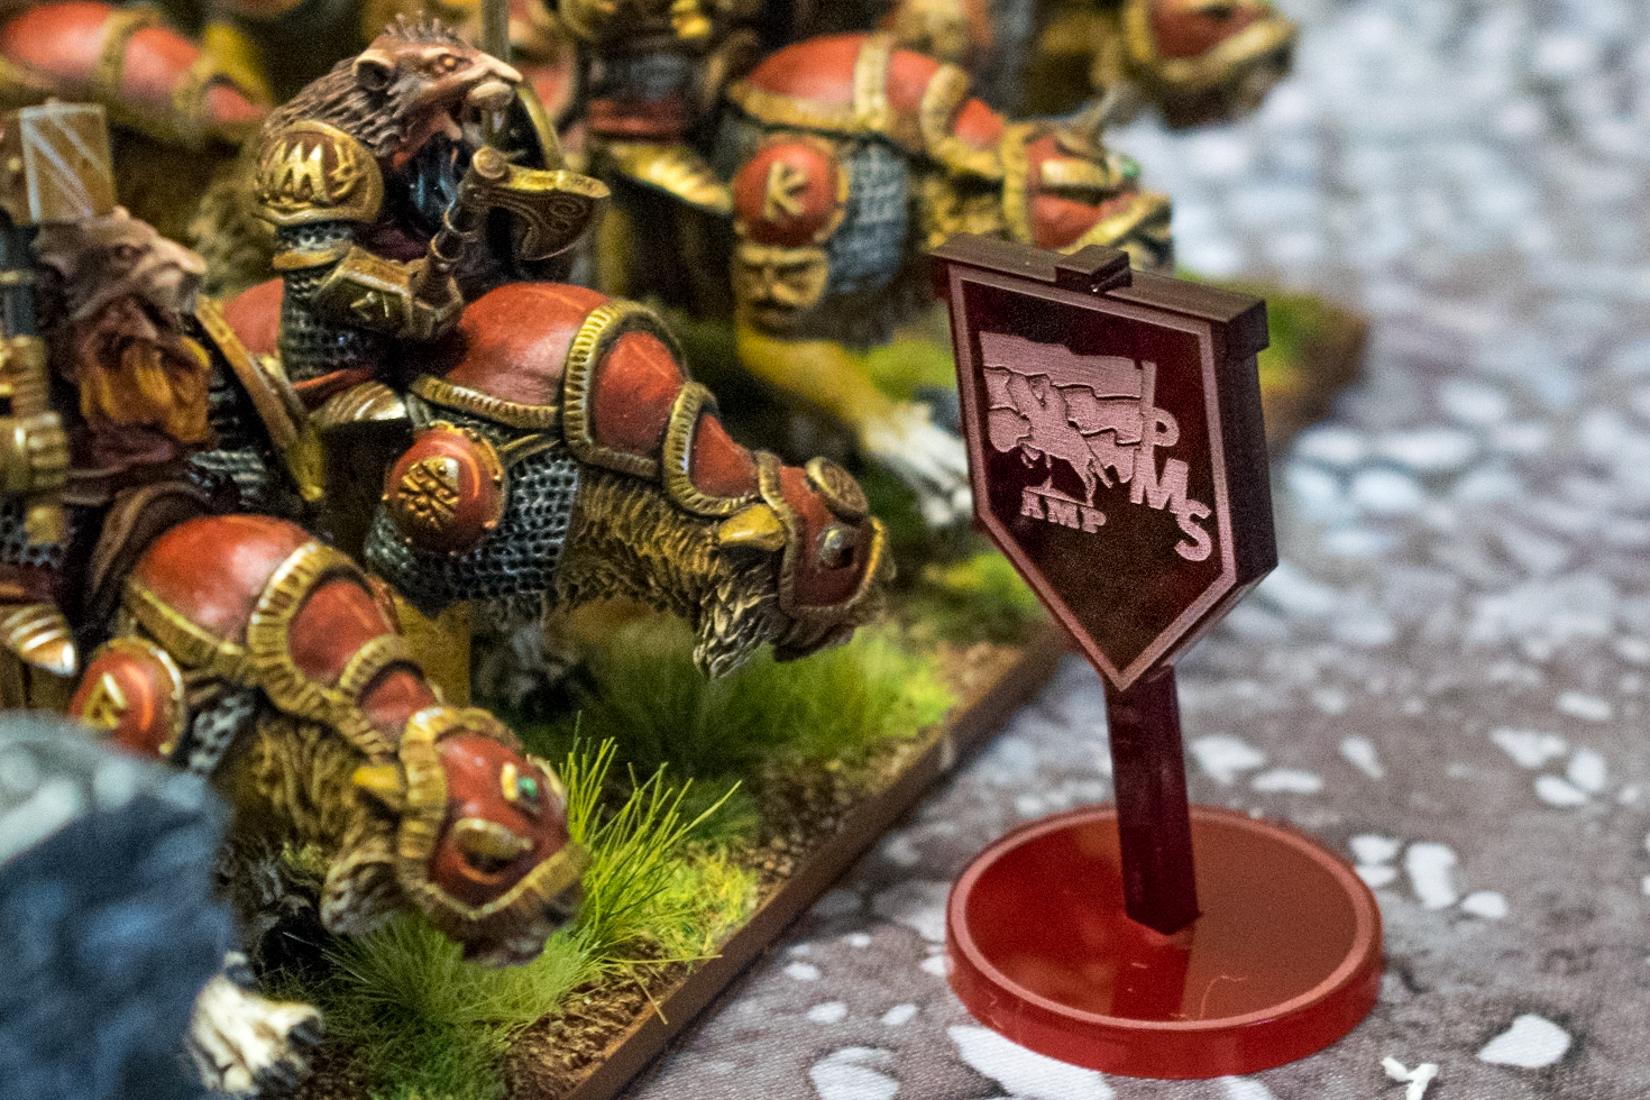 Objetivo Torneo Kings of War 2019